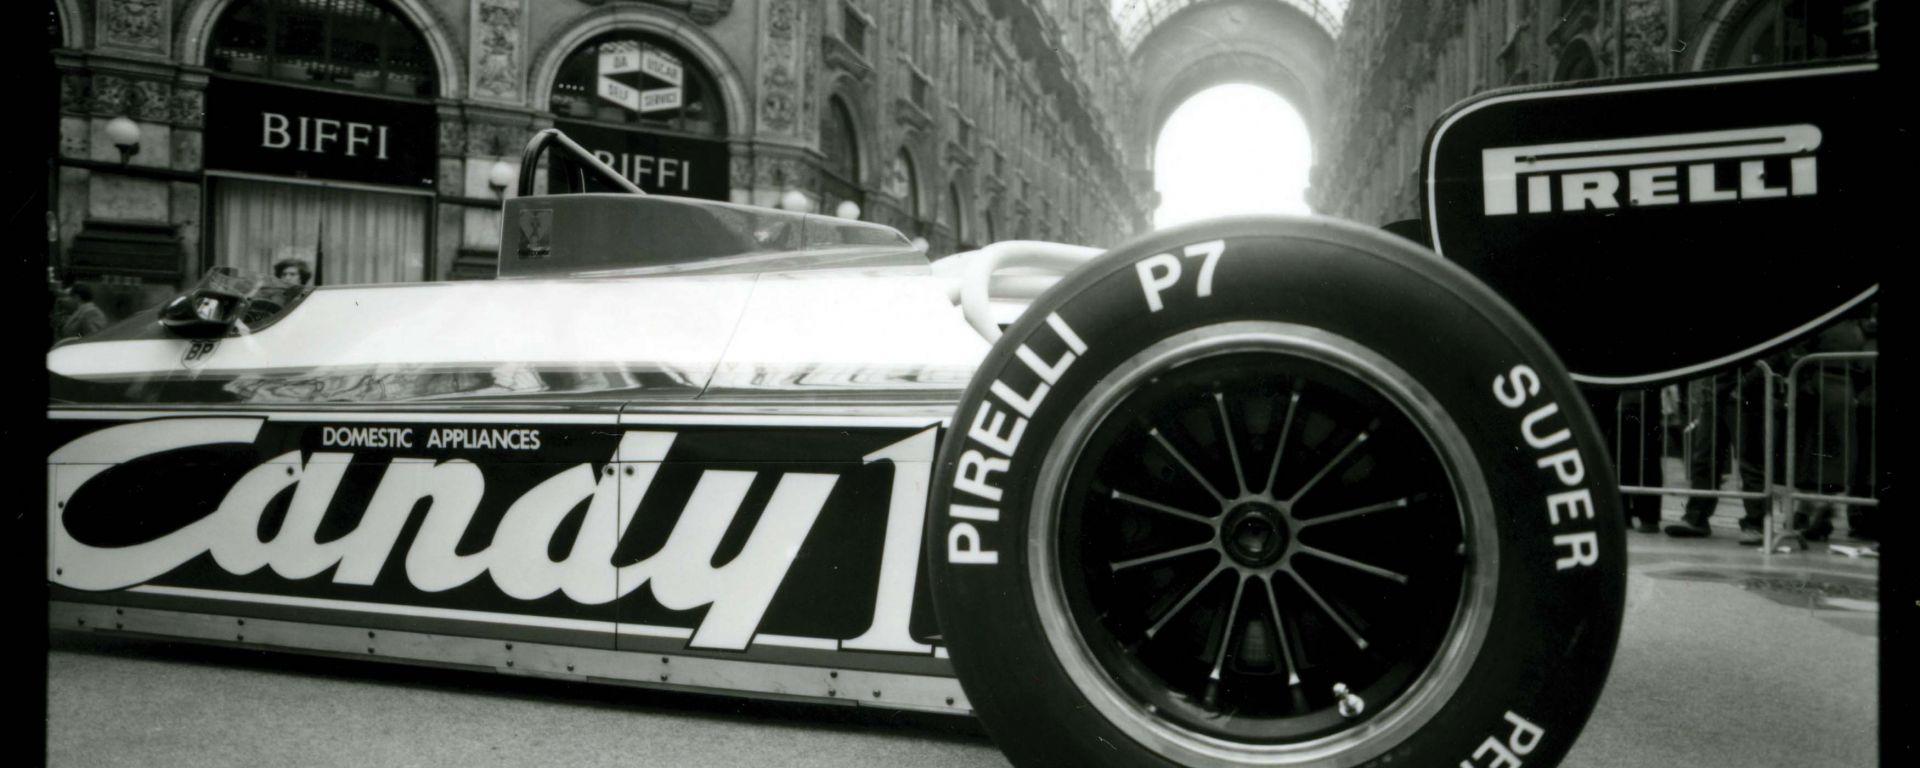 Pirelli e F1: un po' di storia